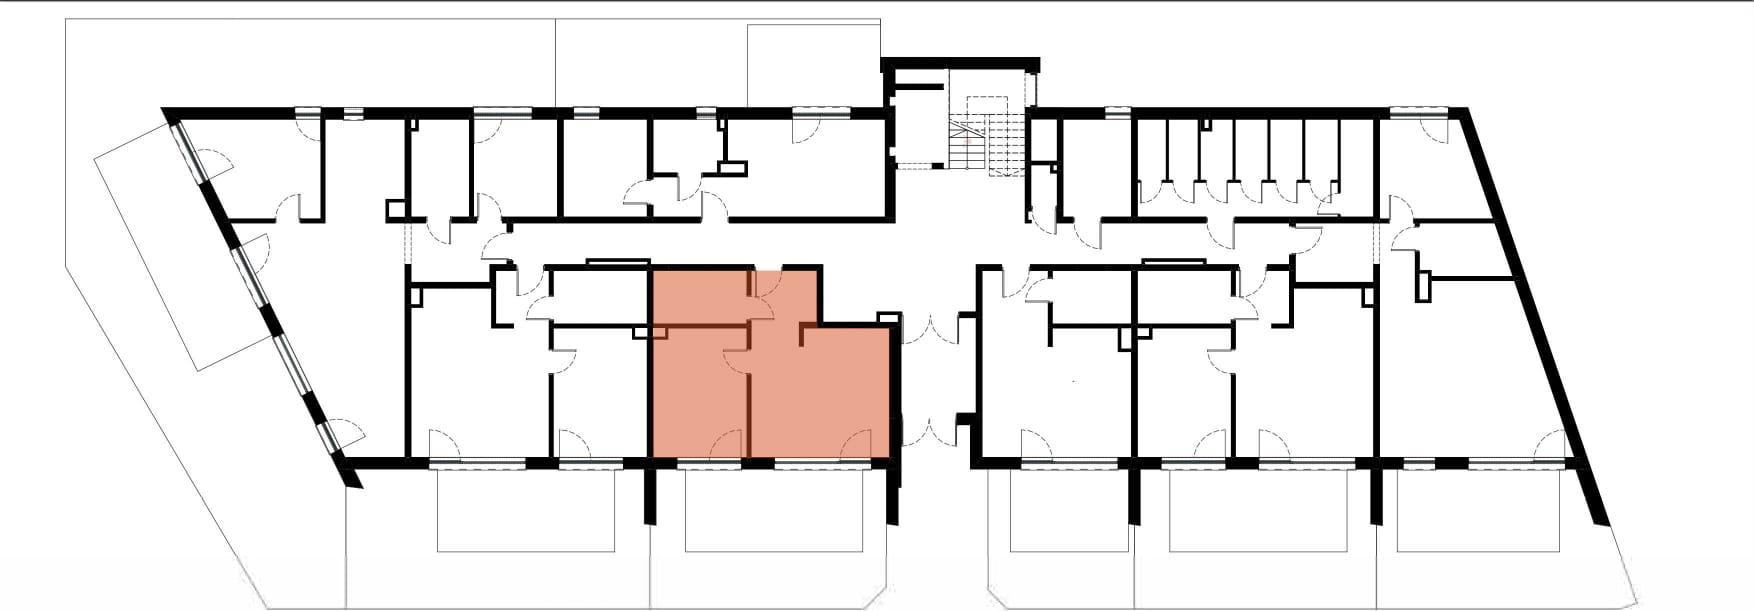 Apartamenty Kamienna / apartamenty inwestycyjne M04 rzut 2